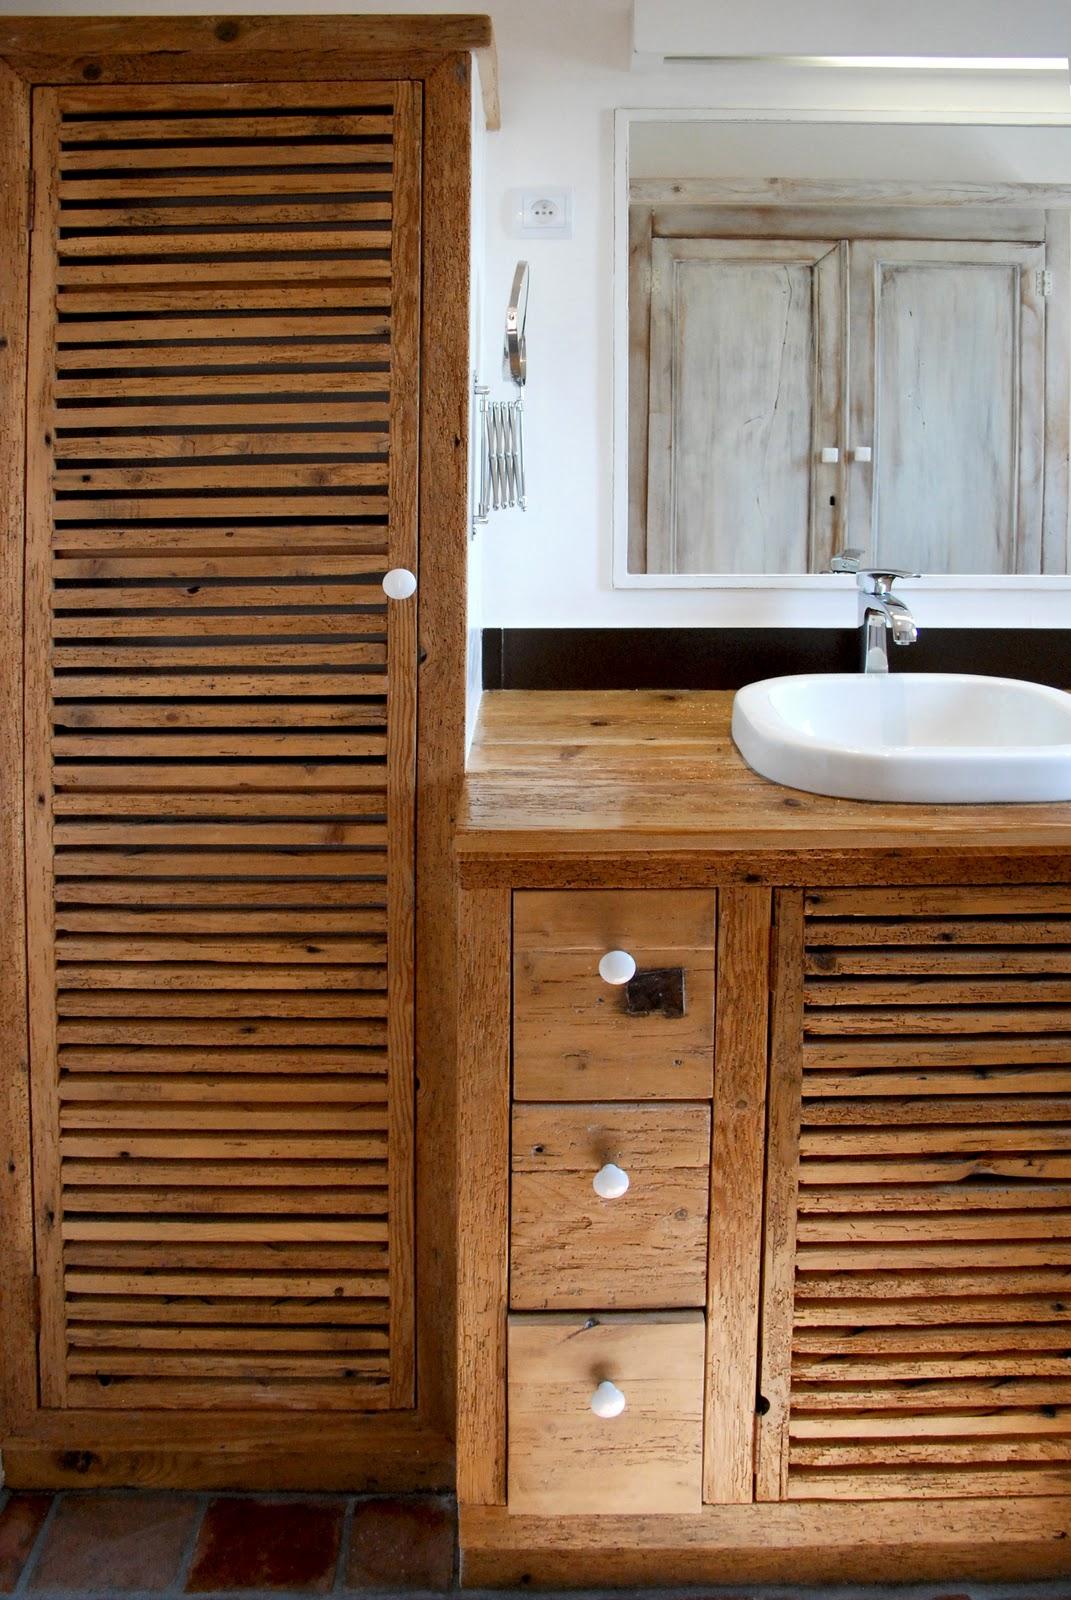 cr ation en bois recycl salle d 39 eau. Black Bedroom Furniture Sets. Home Design Ideas